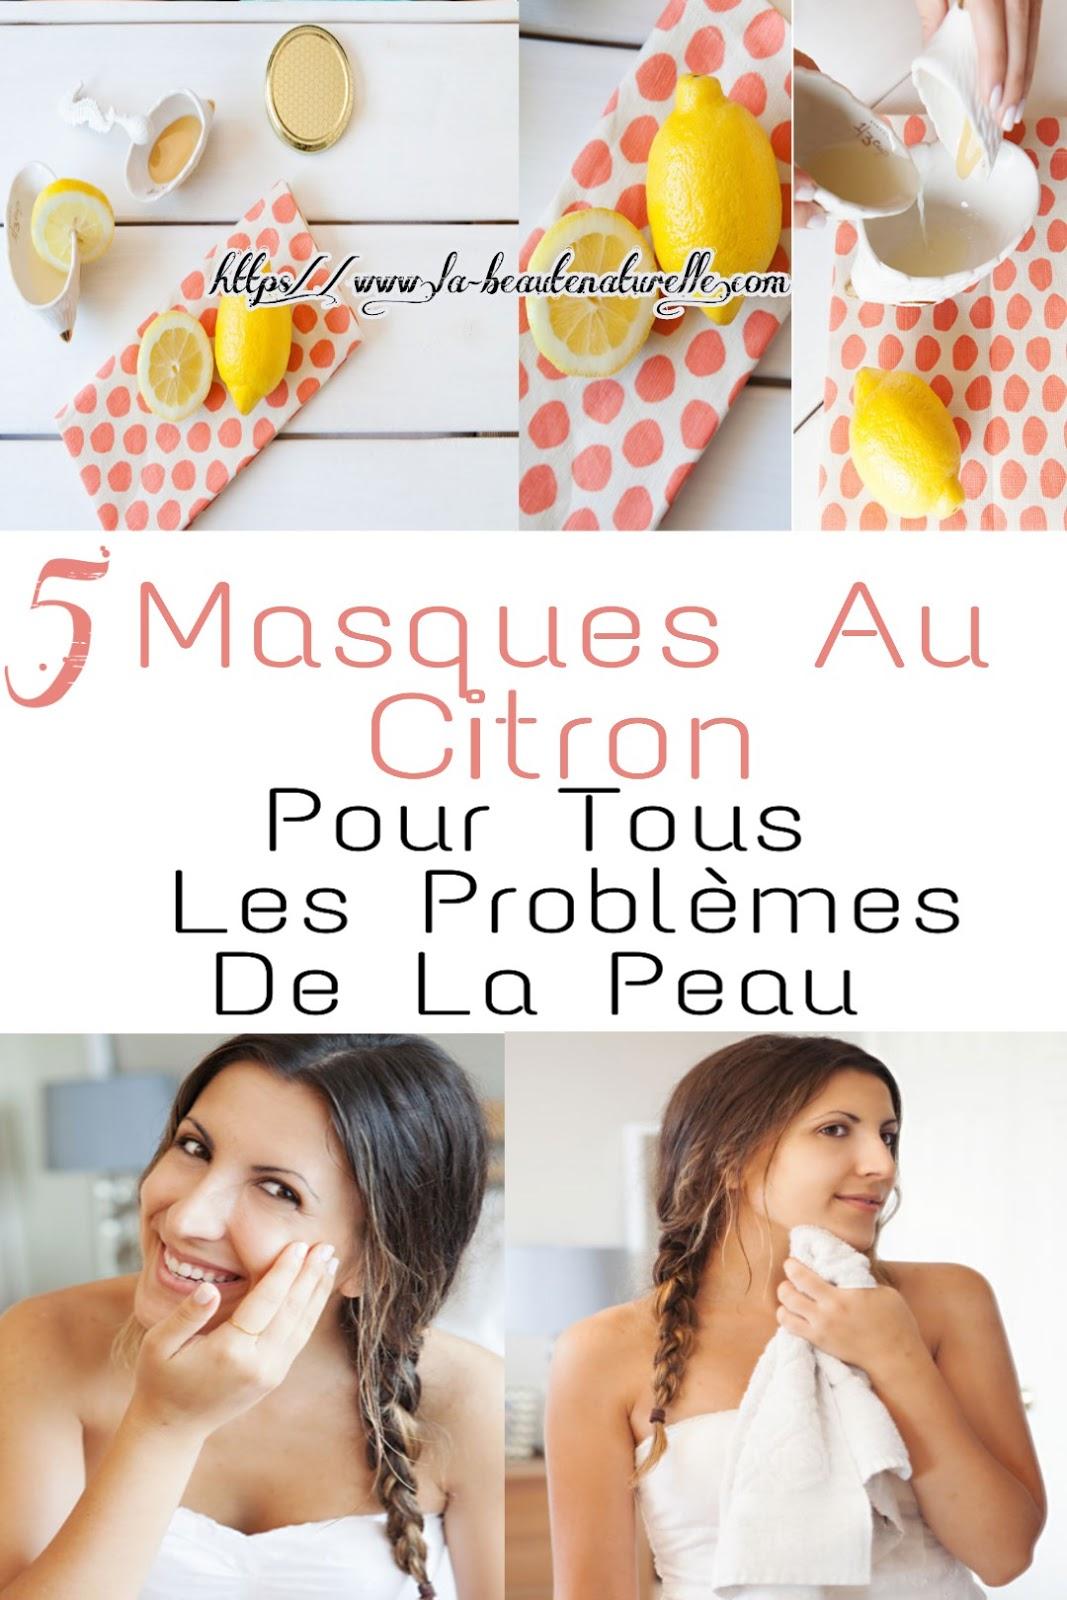 5 Masques Au Citron Pour Tous Les Problèmes De La Peau